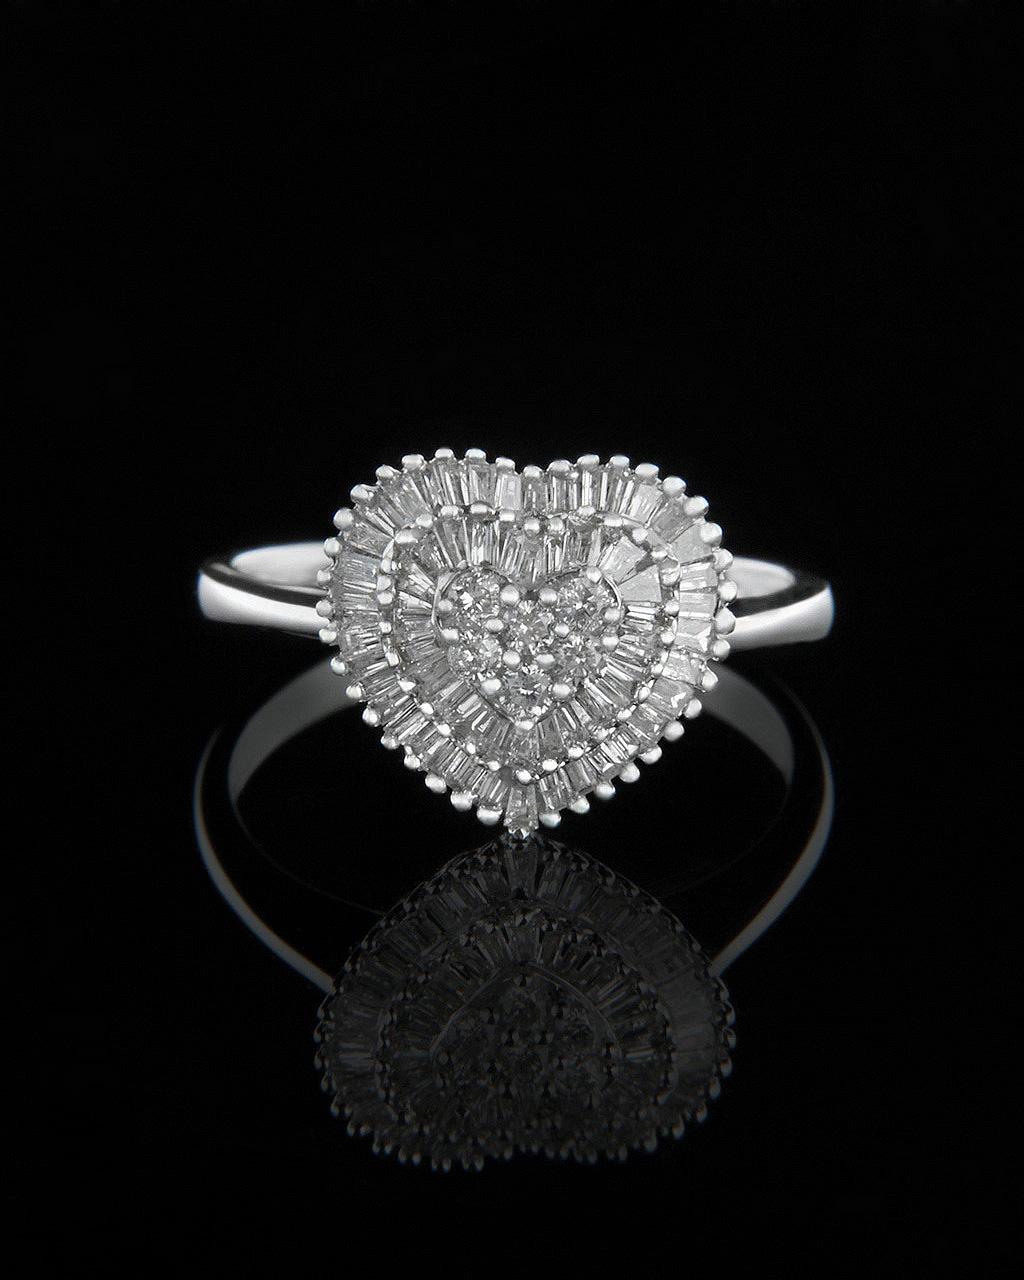 Δαχτυλίδι καρδιά λευκόχρυσο με Διαμάντια   κοσμηματα δαχτυλίδια μονόπετρα με διαμάντια